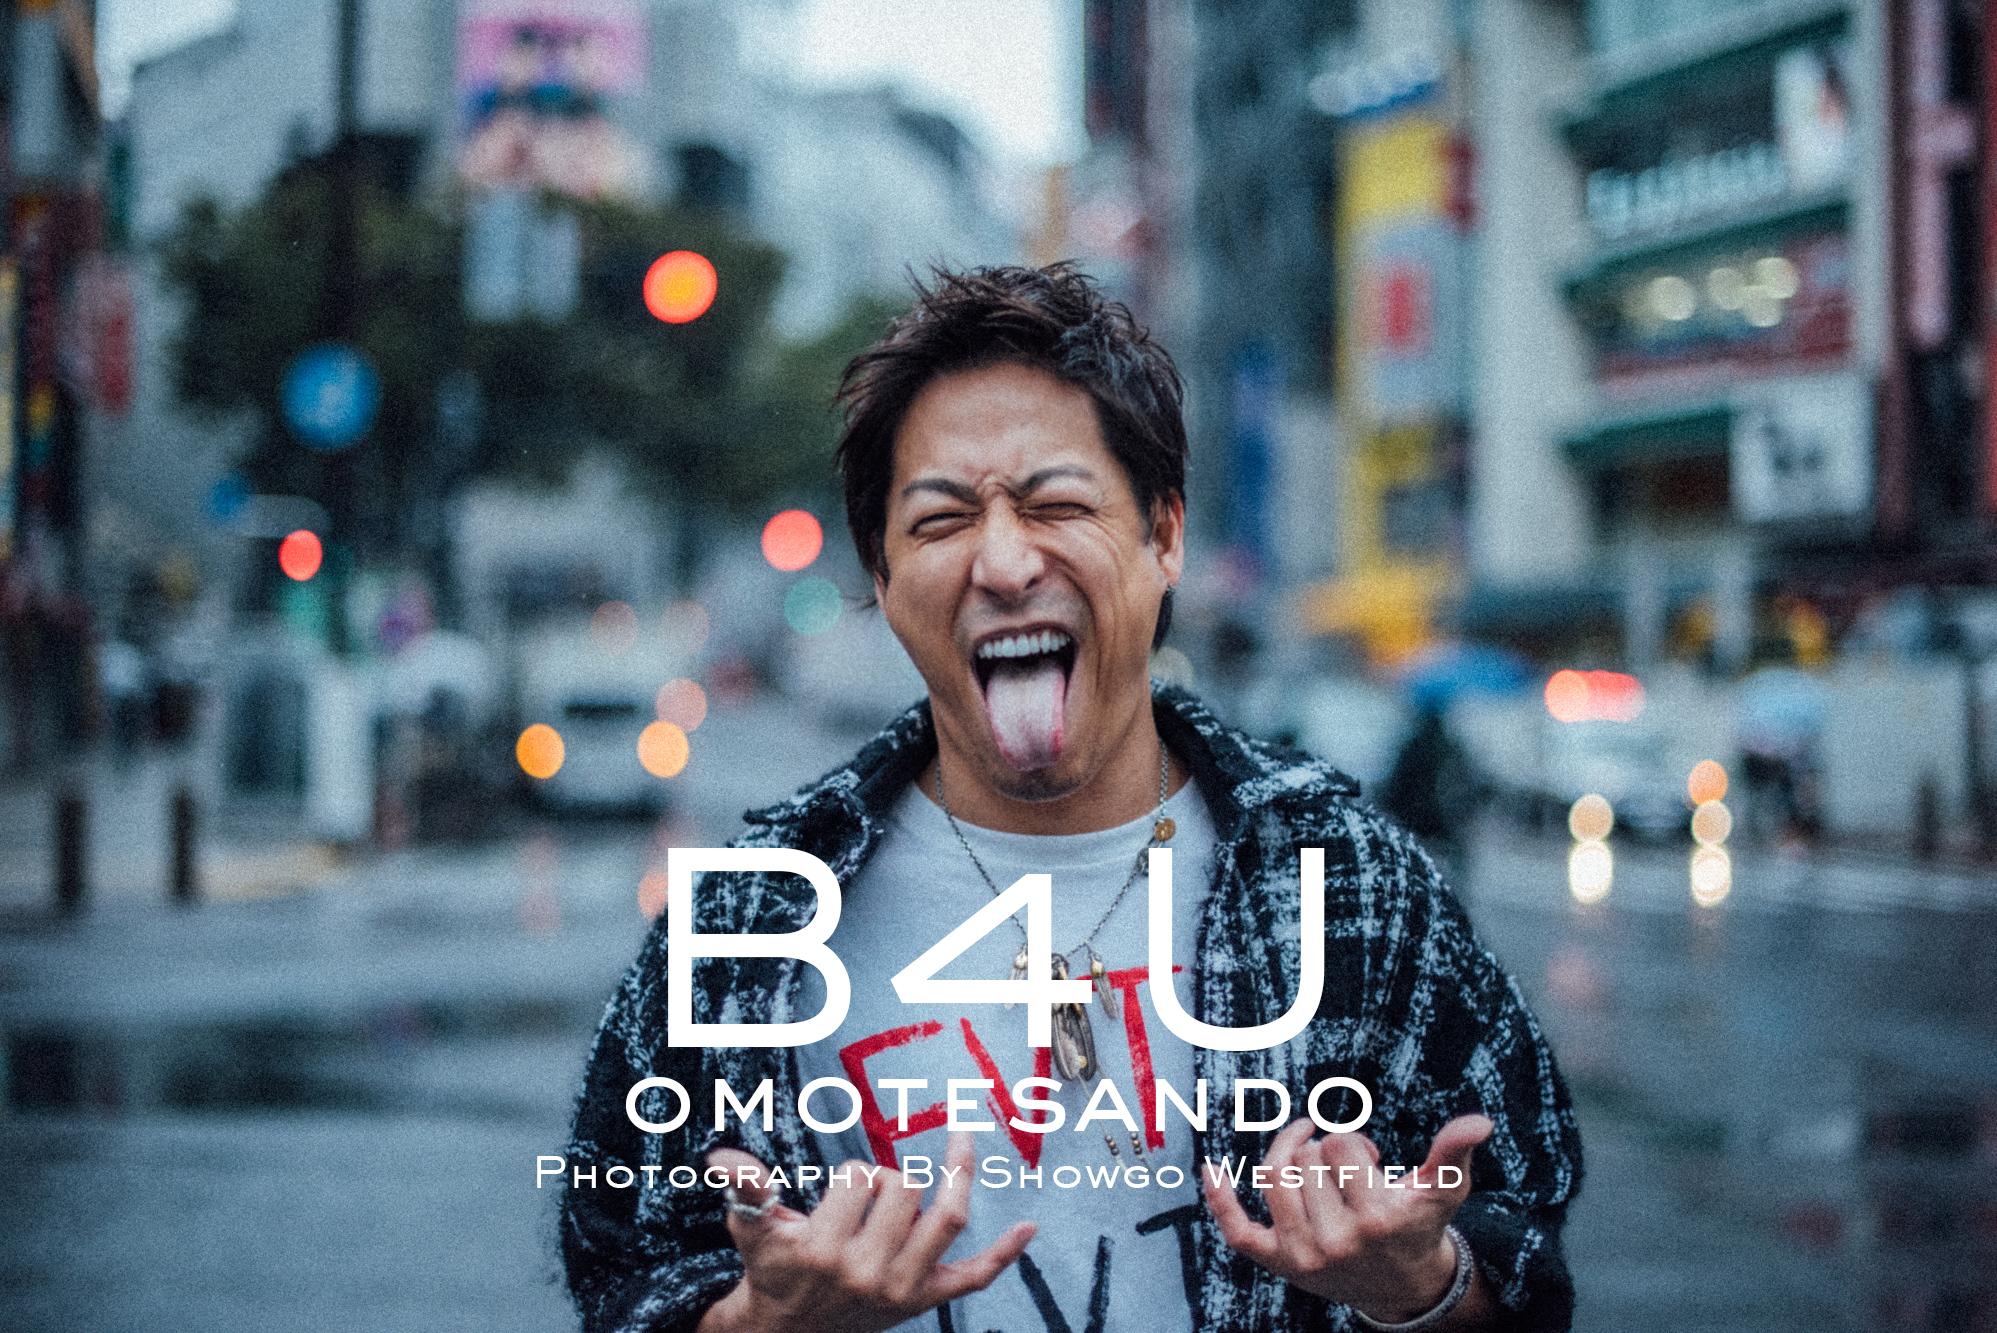 b4uGQ